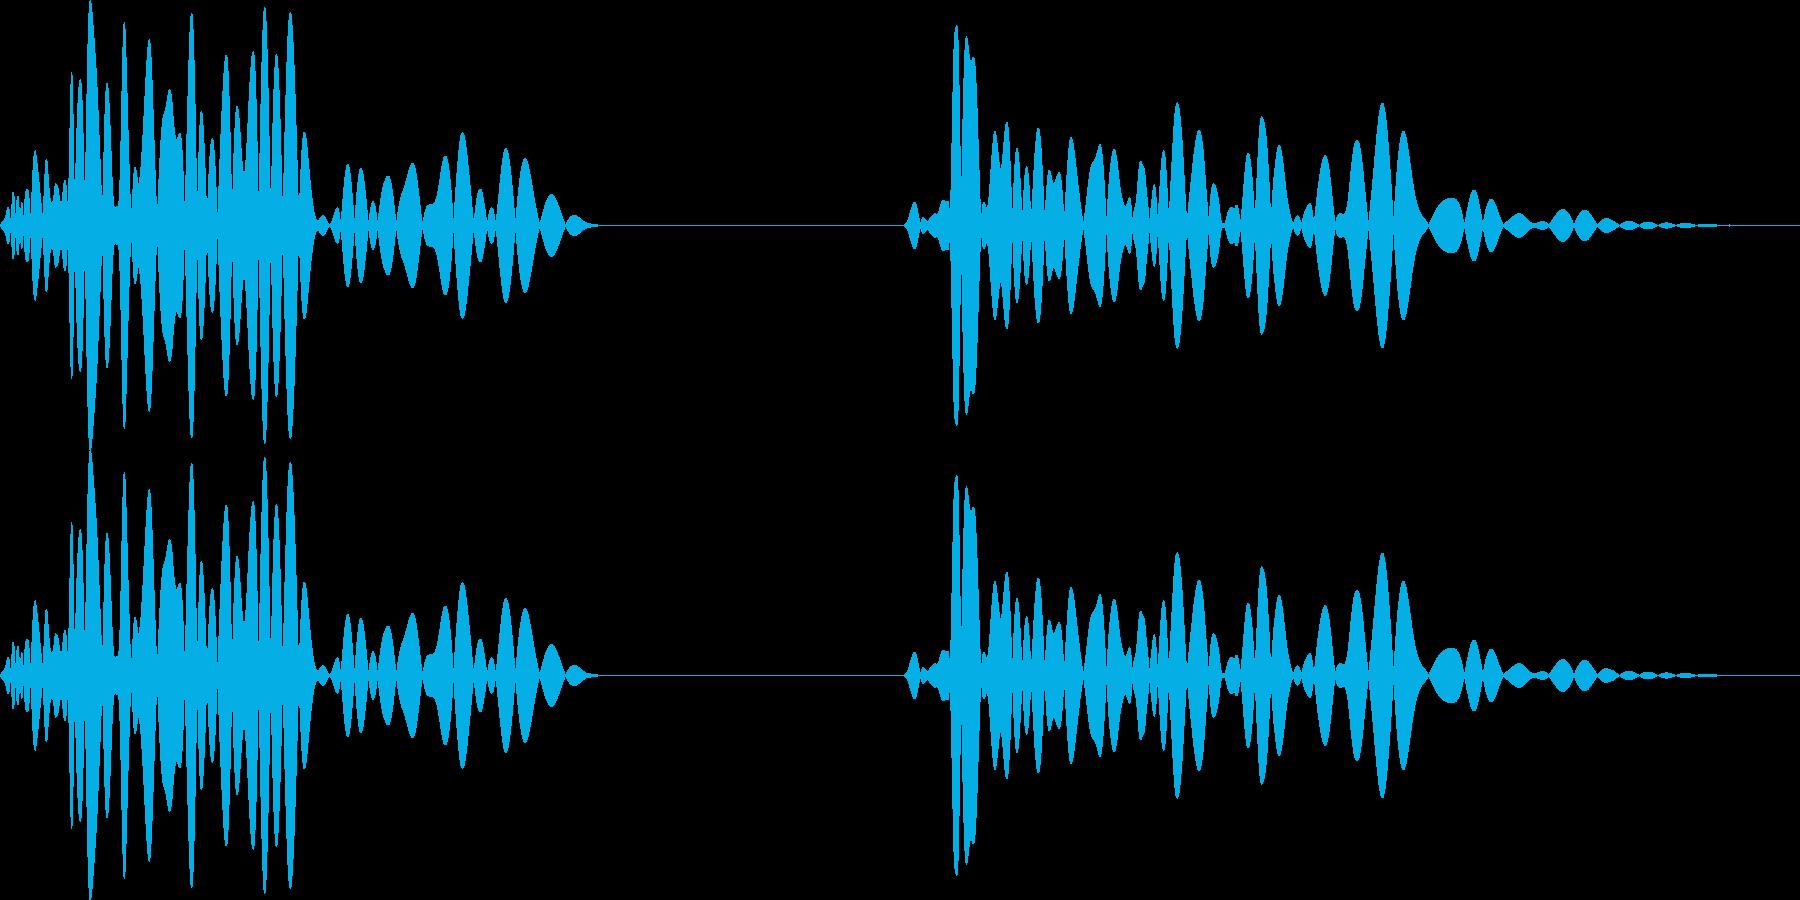 ドックン(鼓動音 緊張感)の再生済みの波形